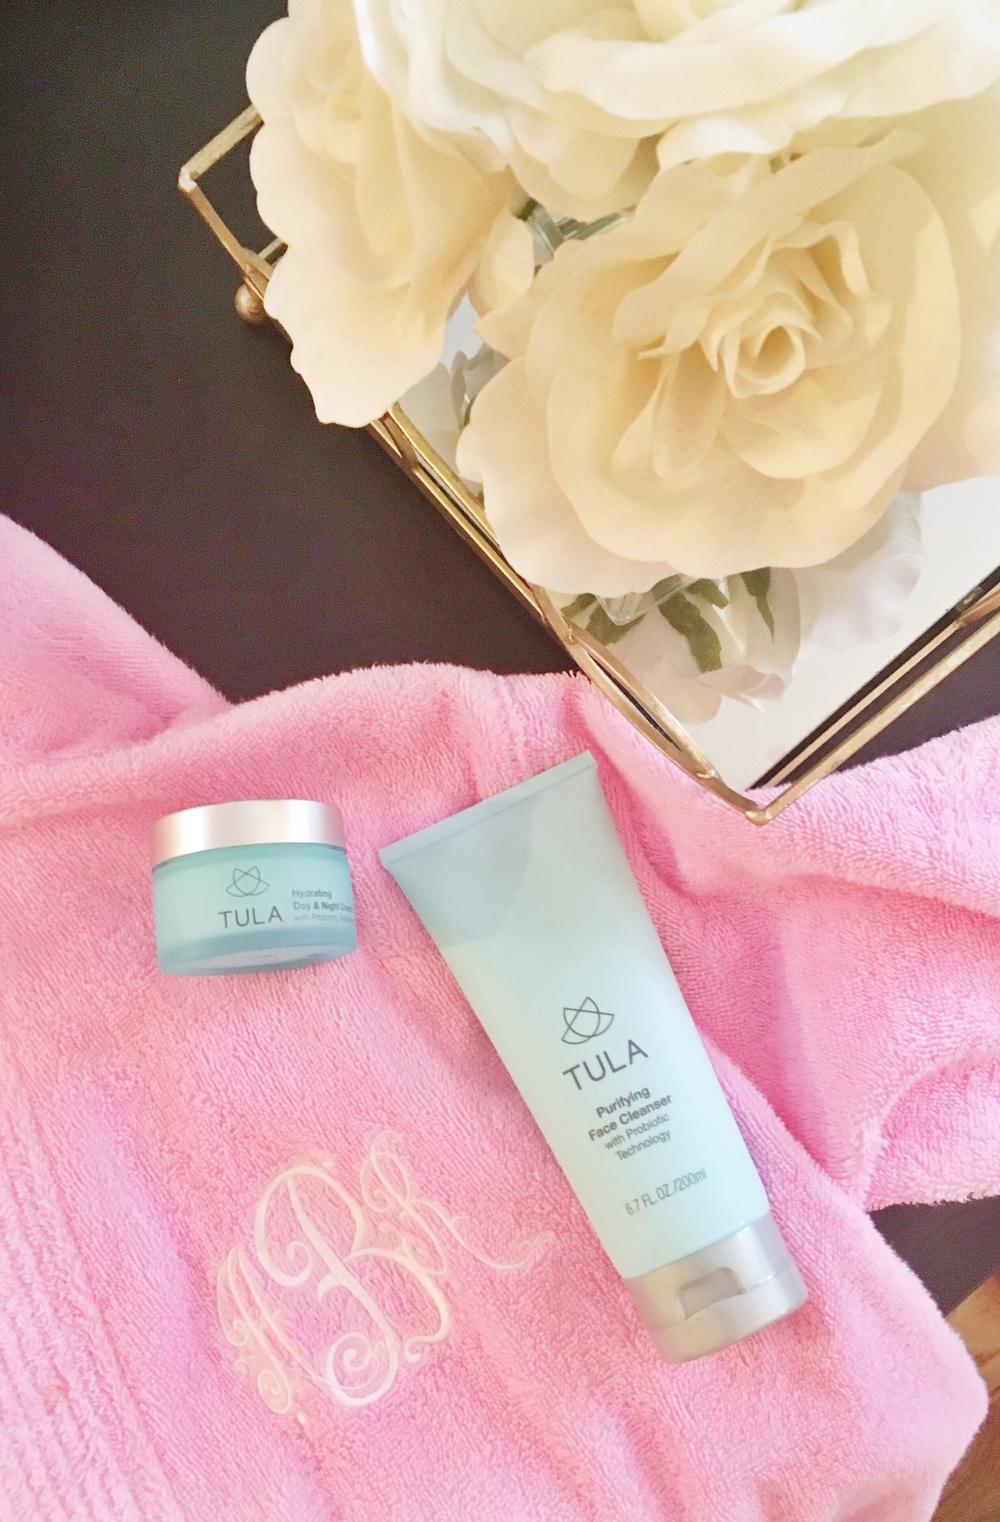 Tula Skincare — The Creative Brief